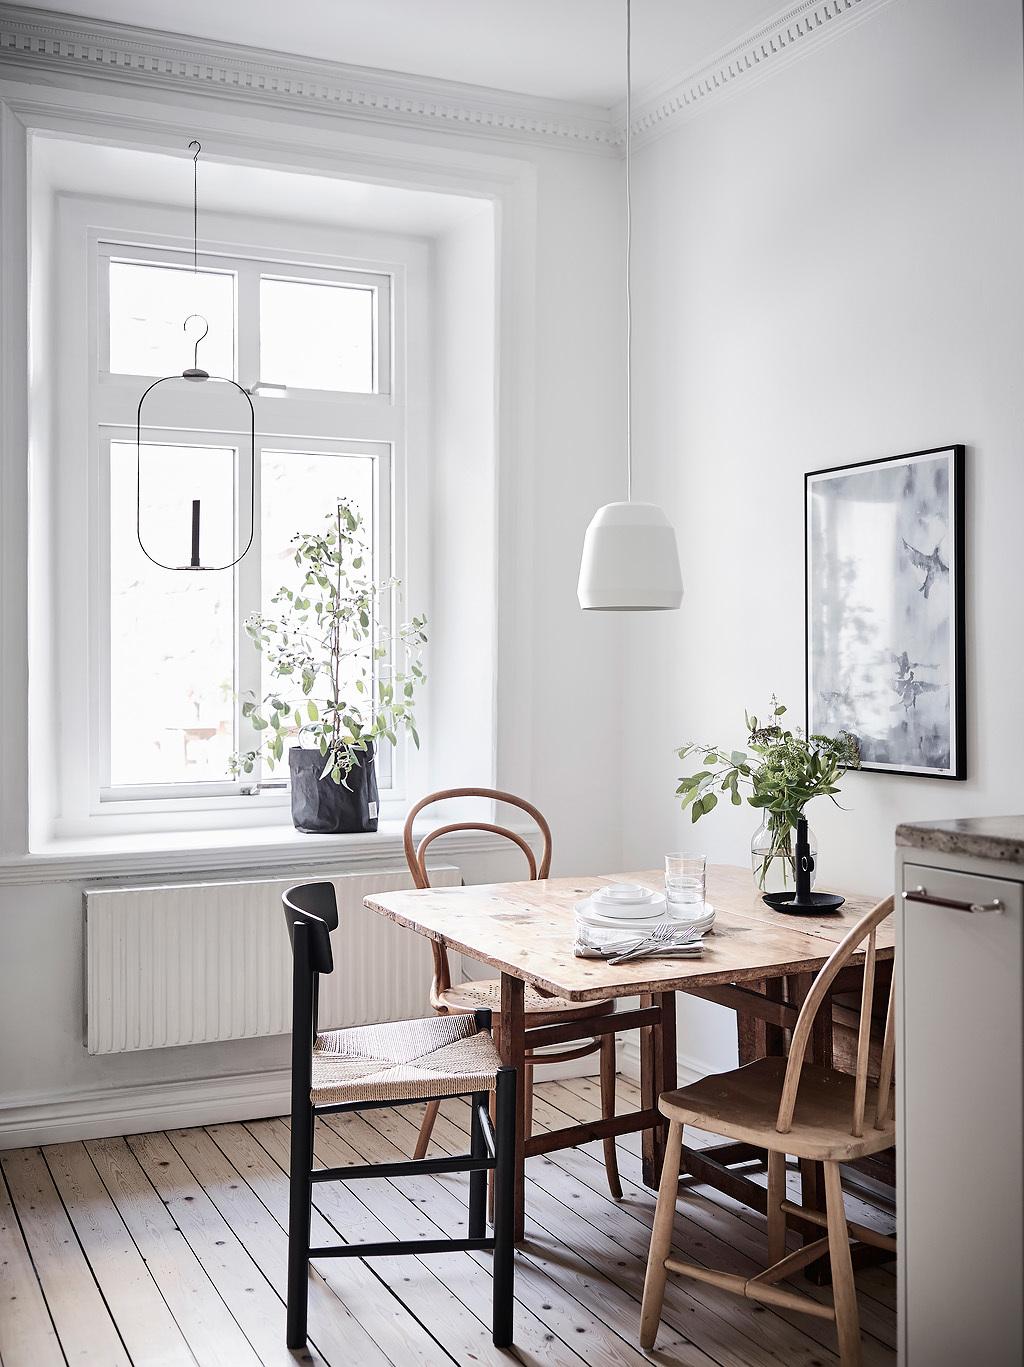 кухонный обеденный стол стулья лампа над столом